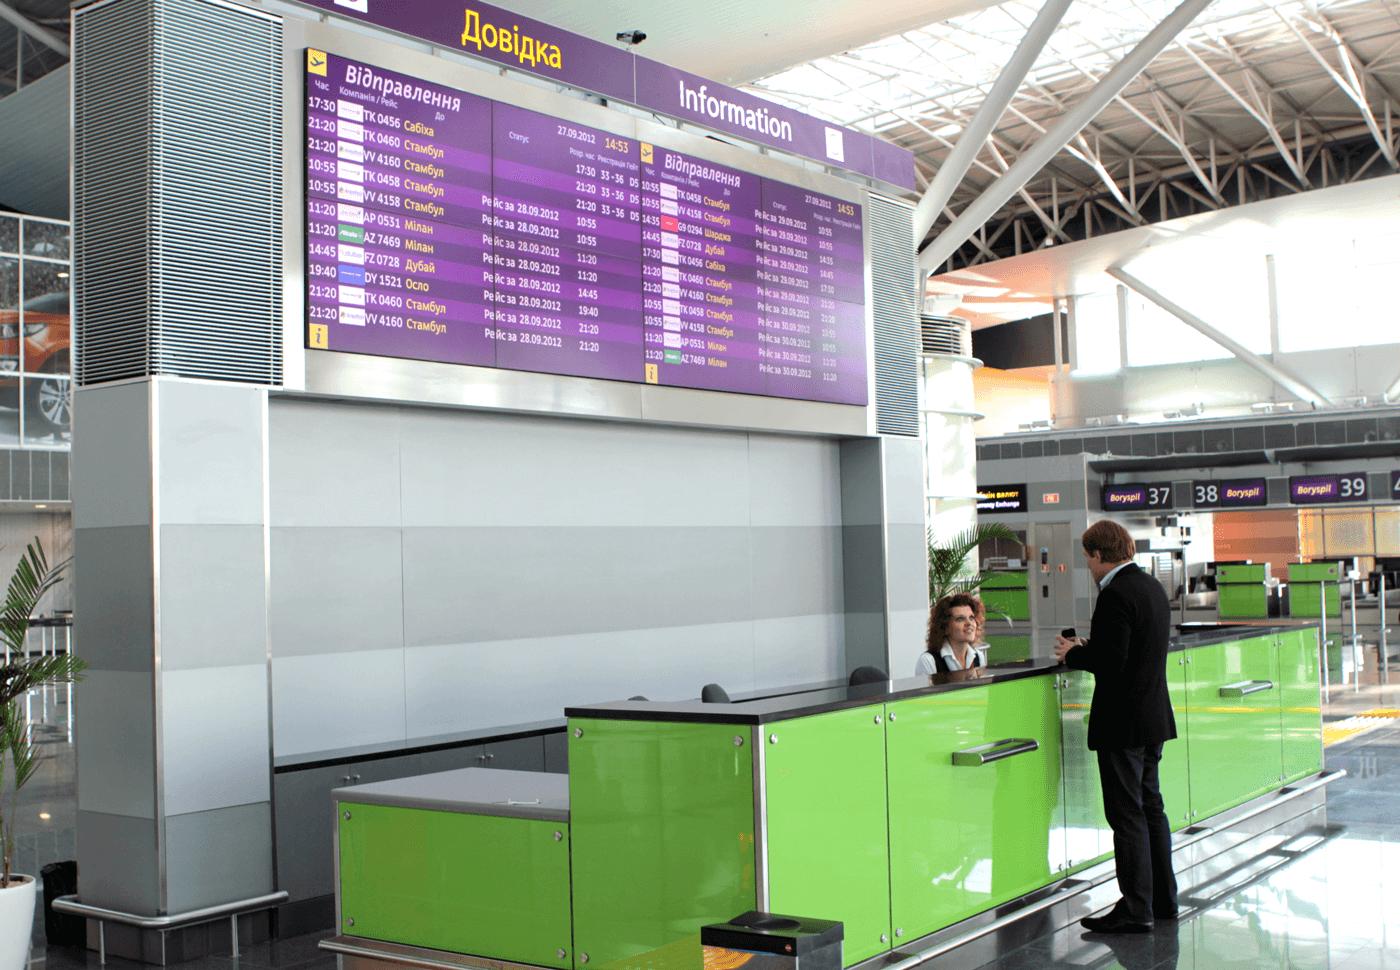 Борисполь вырвался на третье место в рейтинге крупнейших аэропортов второй категории ACI Europe